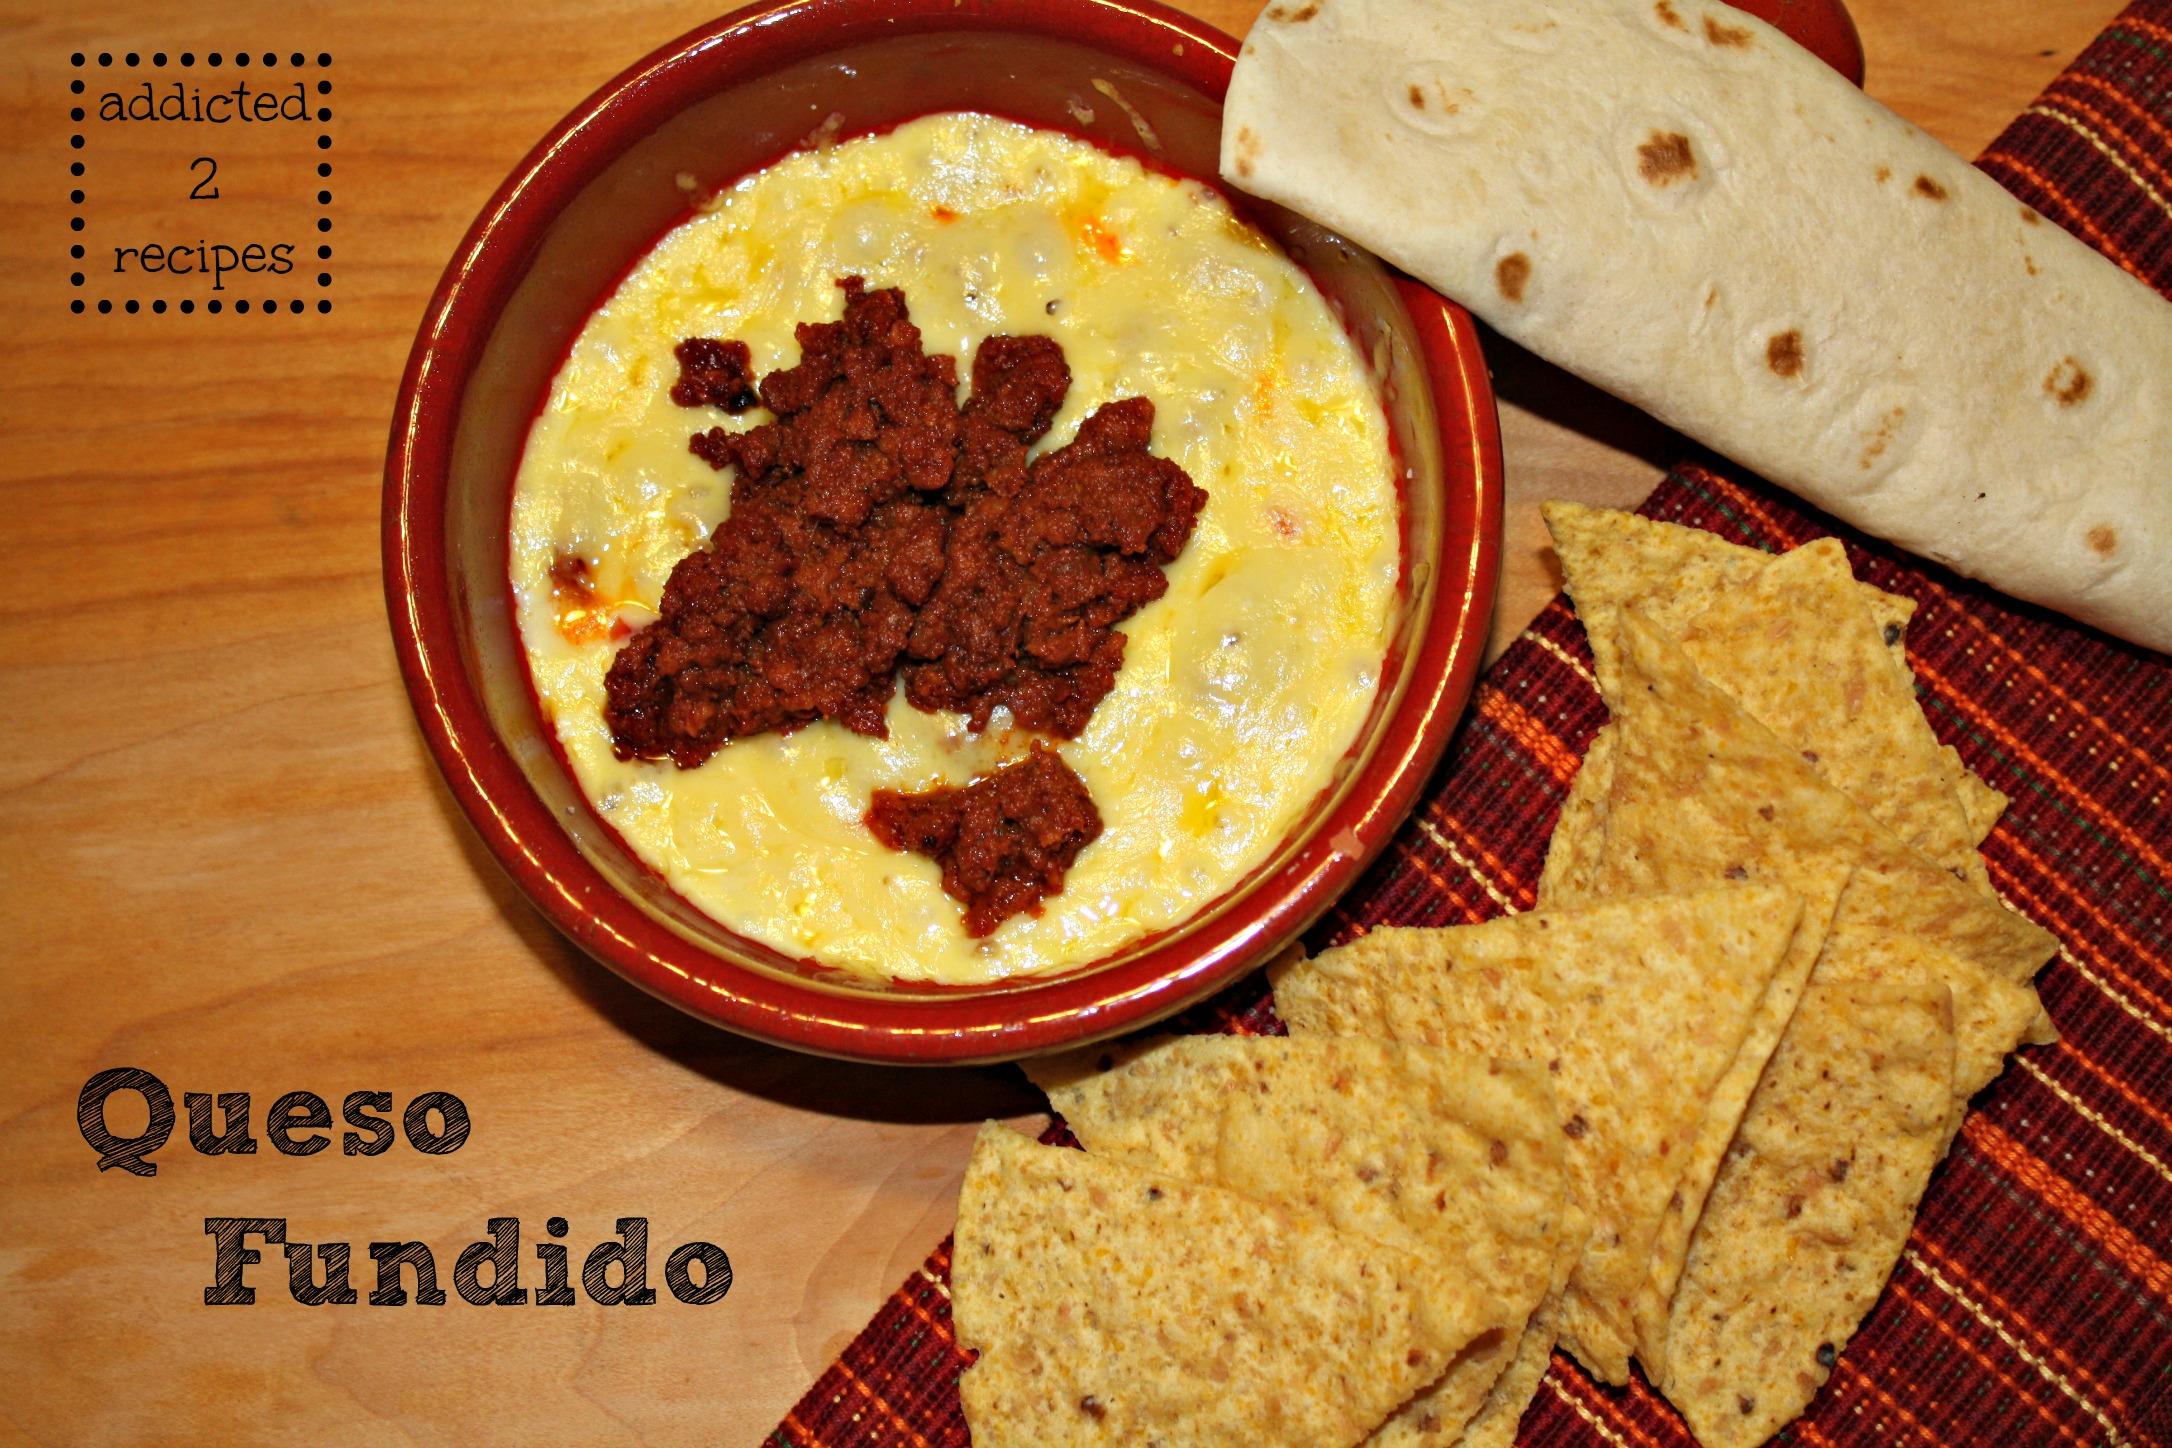 ... queso skinny queso dip chili con queso texas queso dip easy queso dip